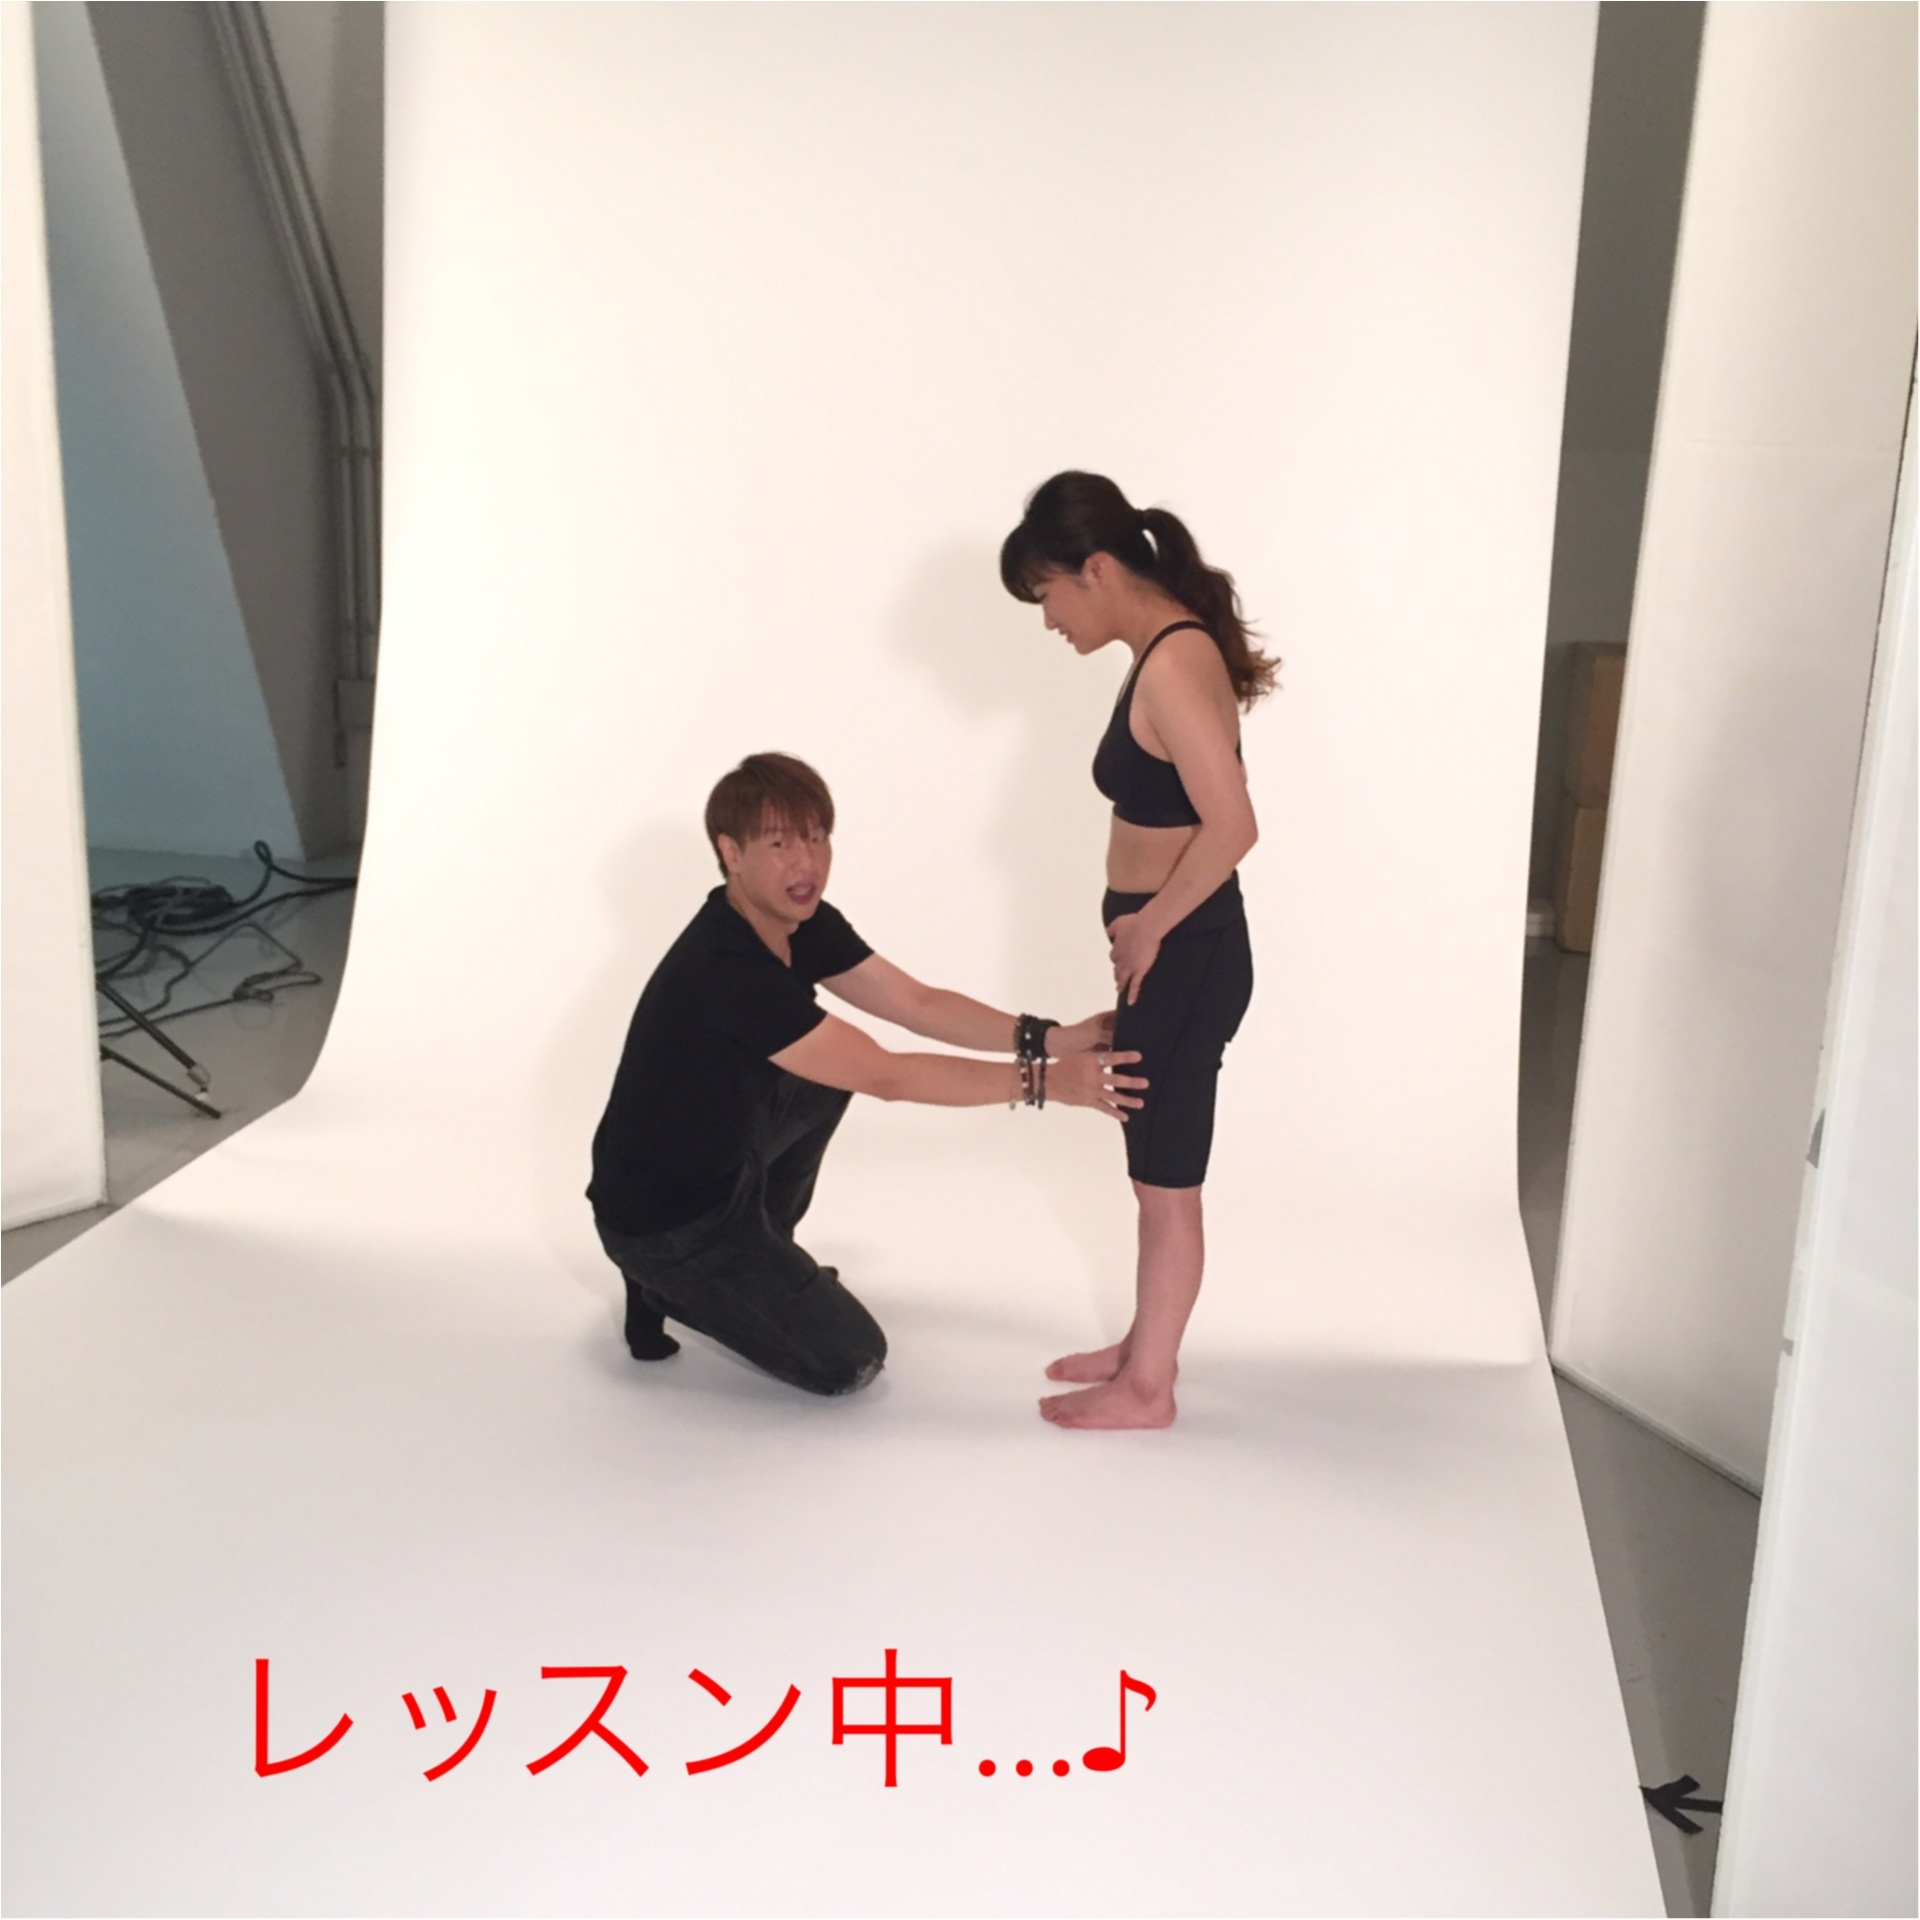 メリハリボディを目指して…♡  小倉義人先生のレッスンがスタート!【#モアチャレ 7キロ痩せ】_2_1